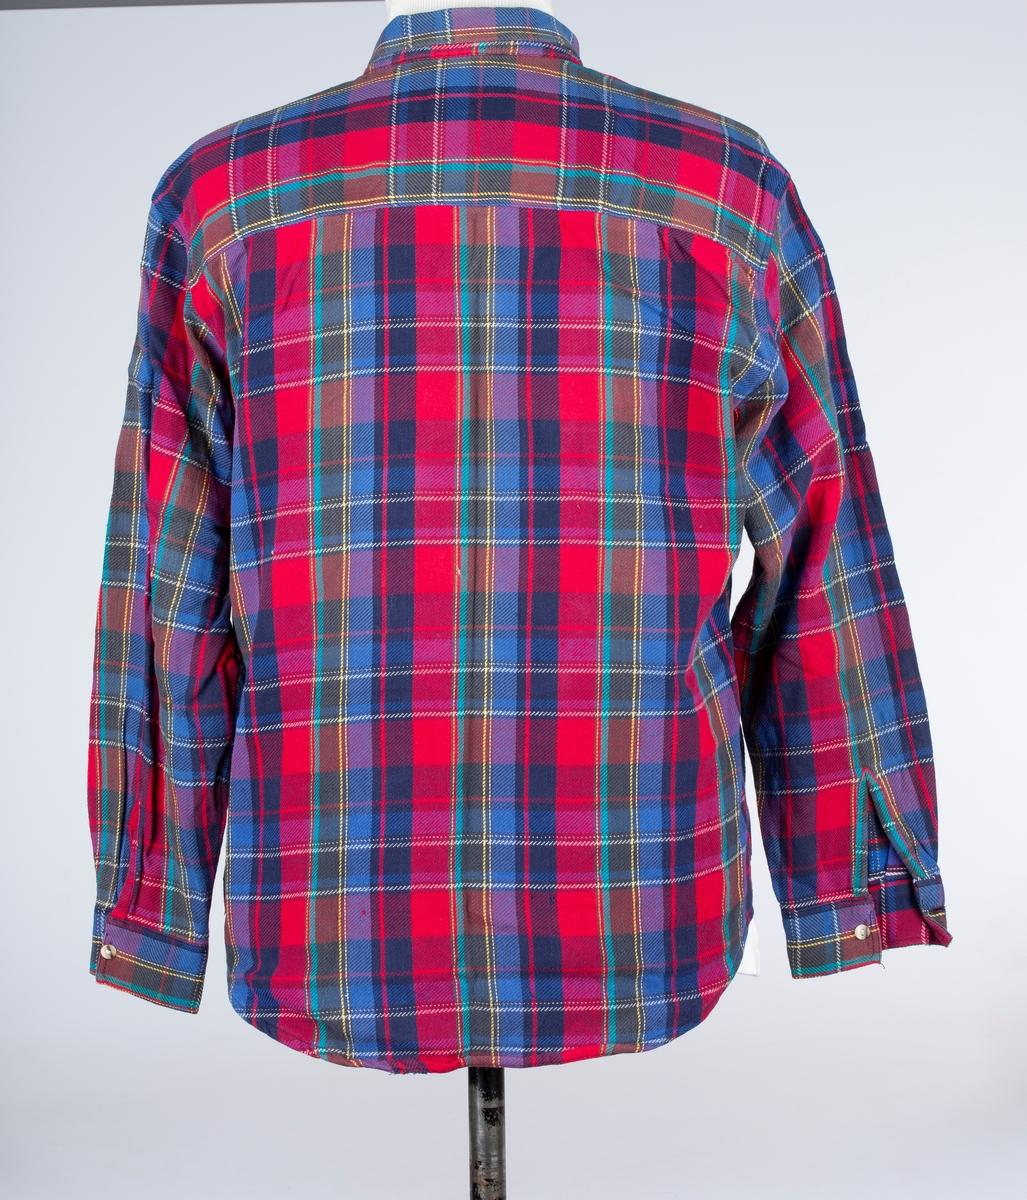 Skjorte. Krage med linning. Bærestykke dobbelt. 2 brystlommer med klaff. Forknappet, 7 knapper og knapphull. Skjorten merket Erland Johansen. Han var bror av Erland Johansen.